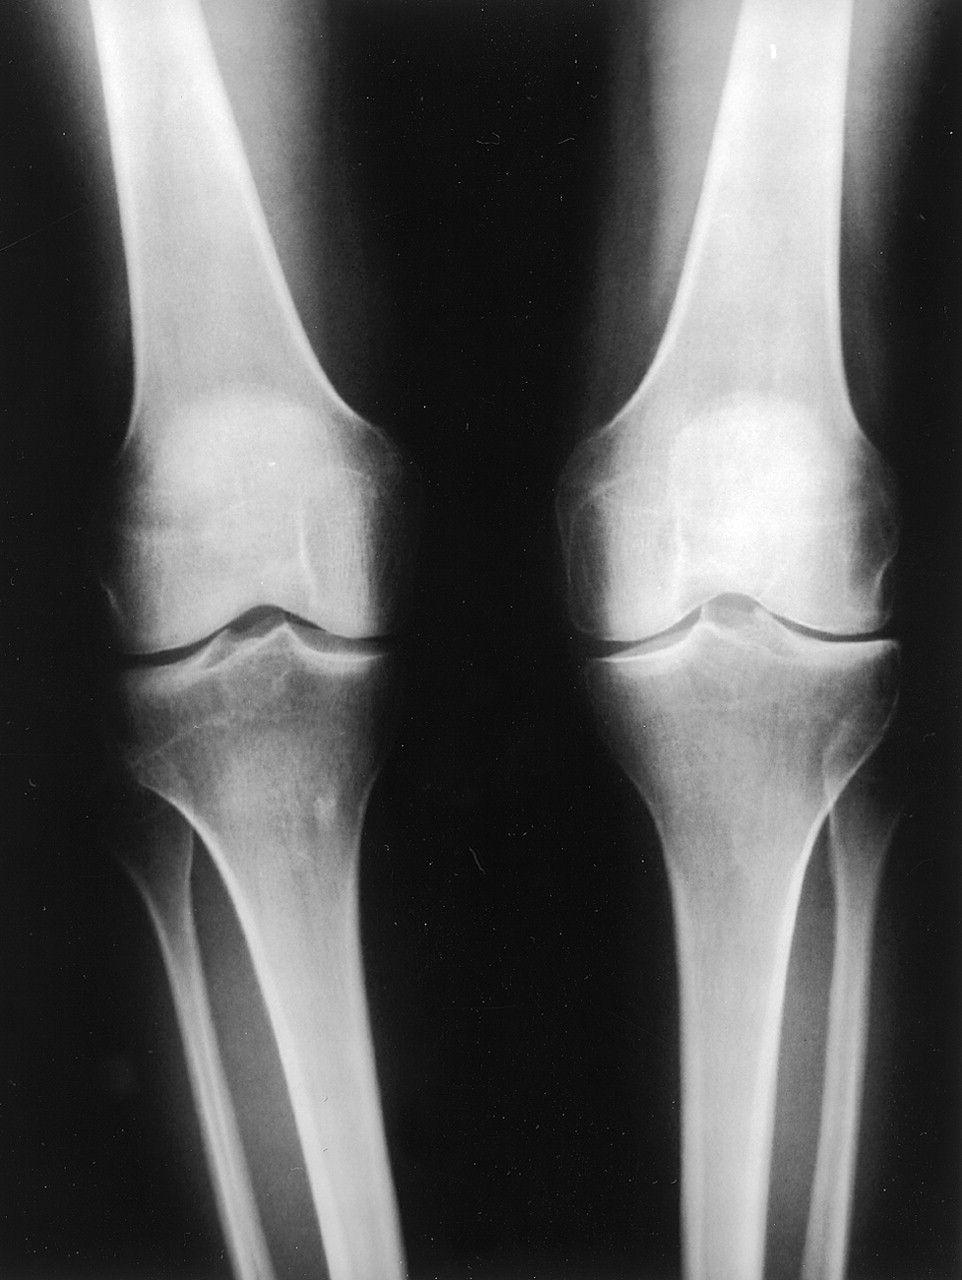 Артрит коленного сустава симптомы и лечение народные средства